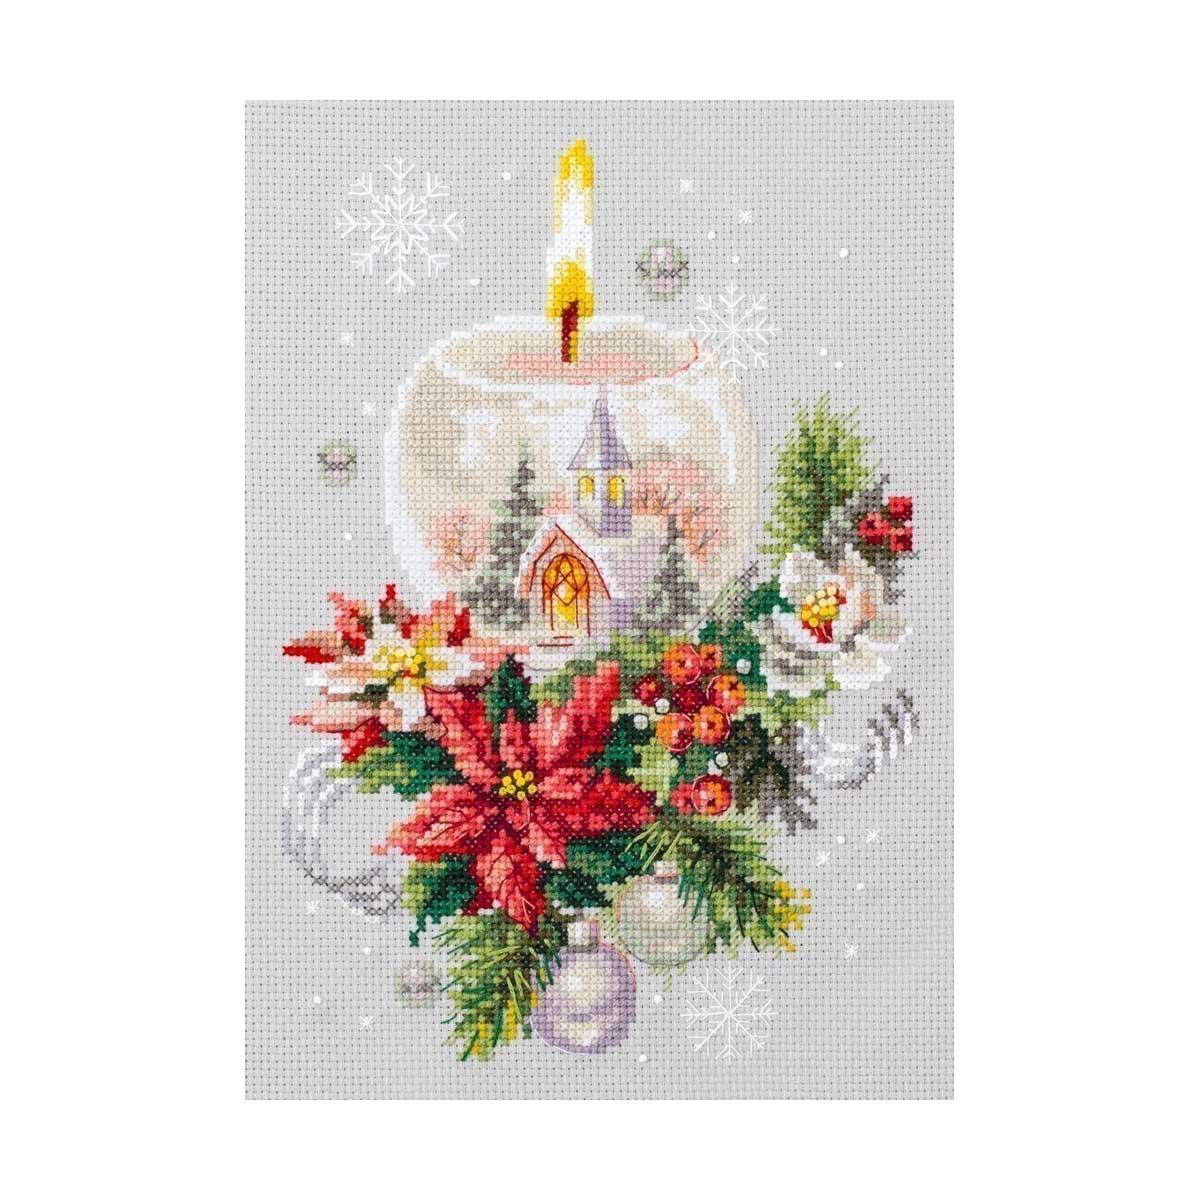 100-231 Набор для вышивания Чудесная игла 'Рождественская свеча'16х23см